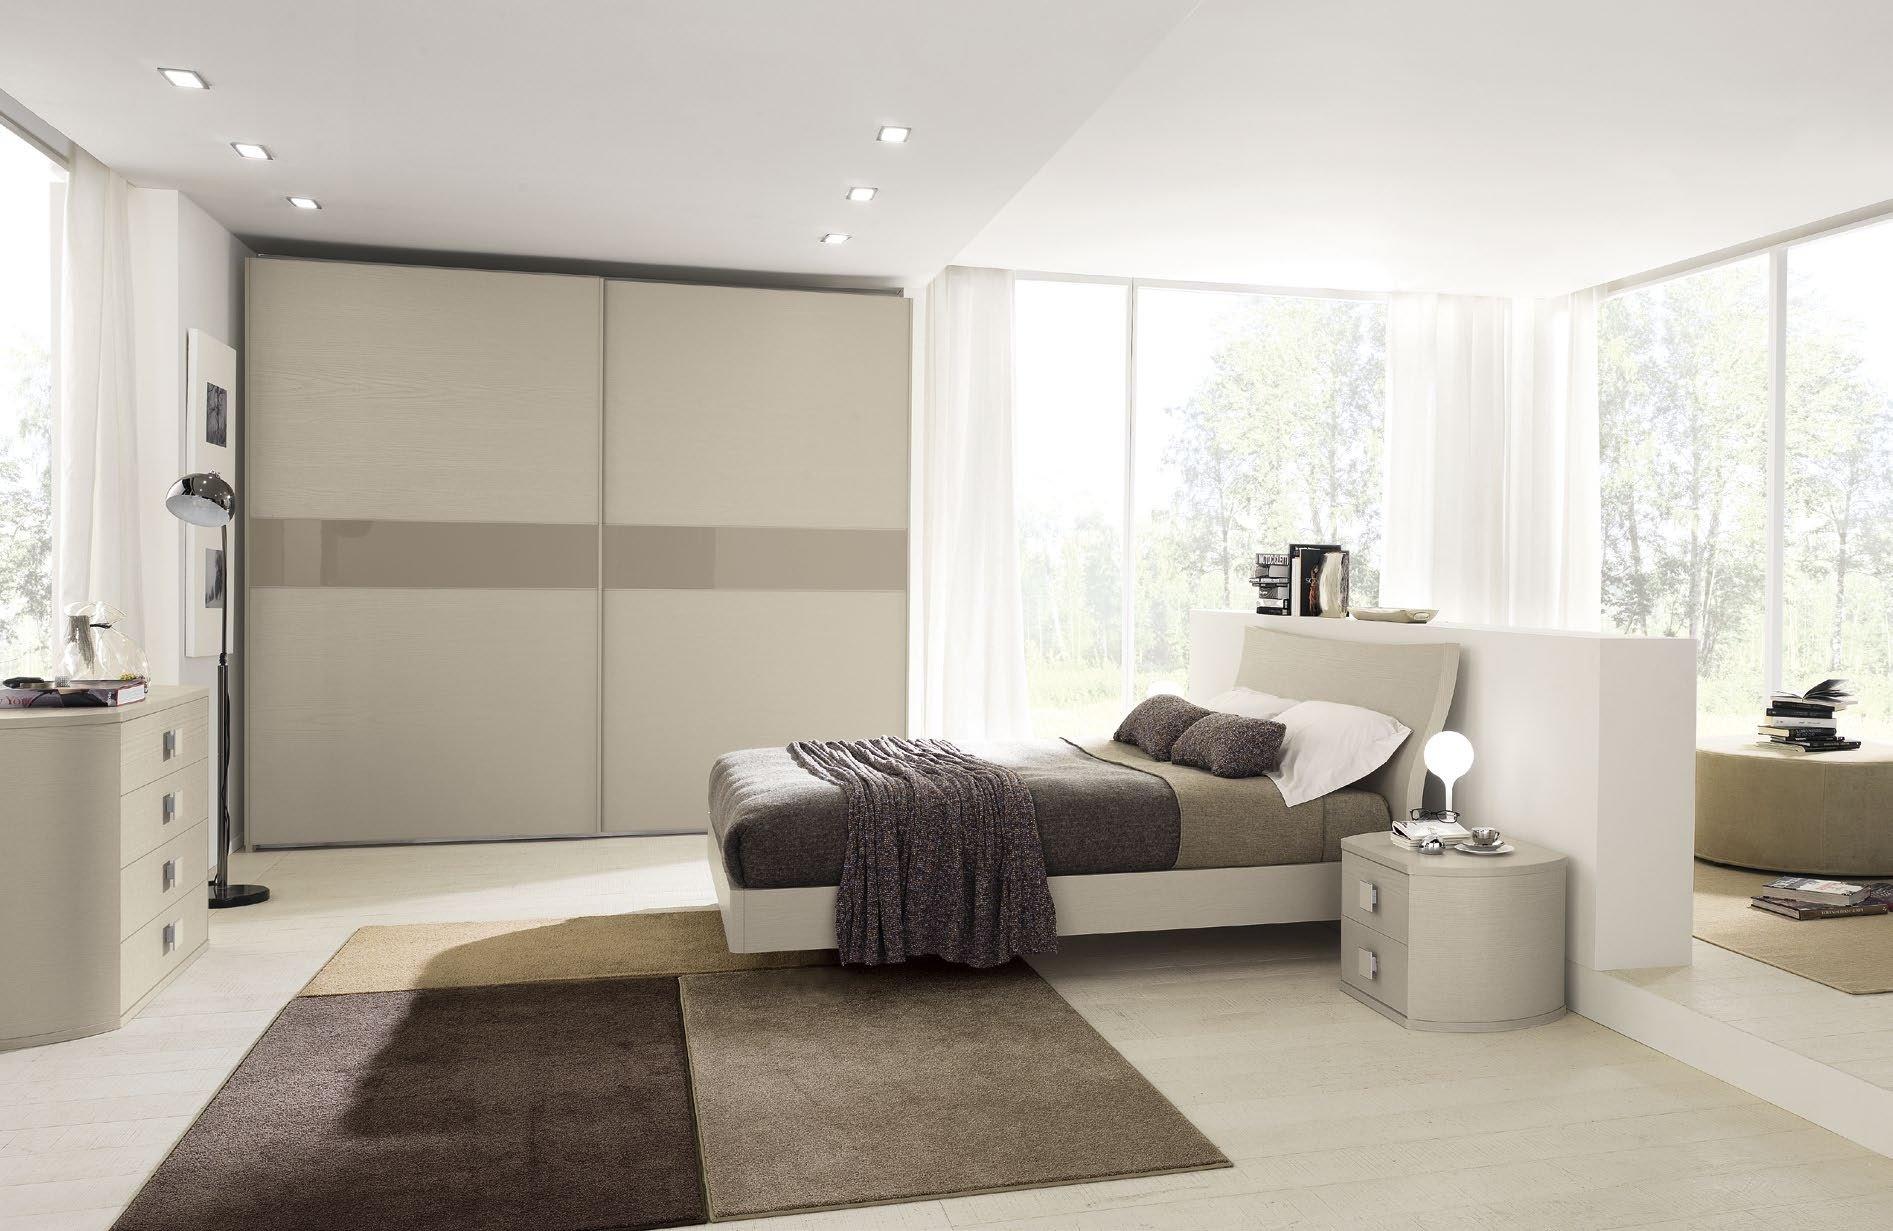 Colombini camera da letto a Salerno, Battipaglia, Eboli